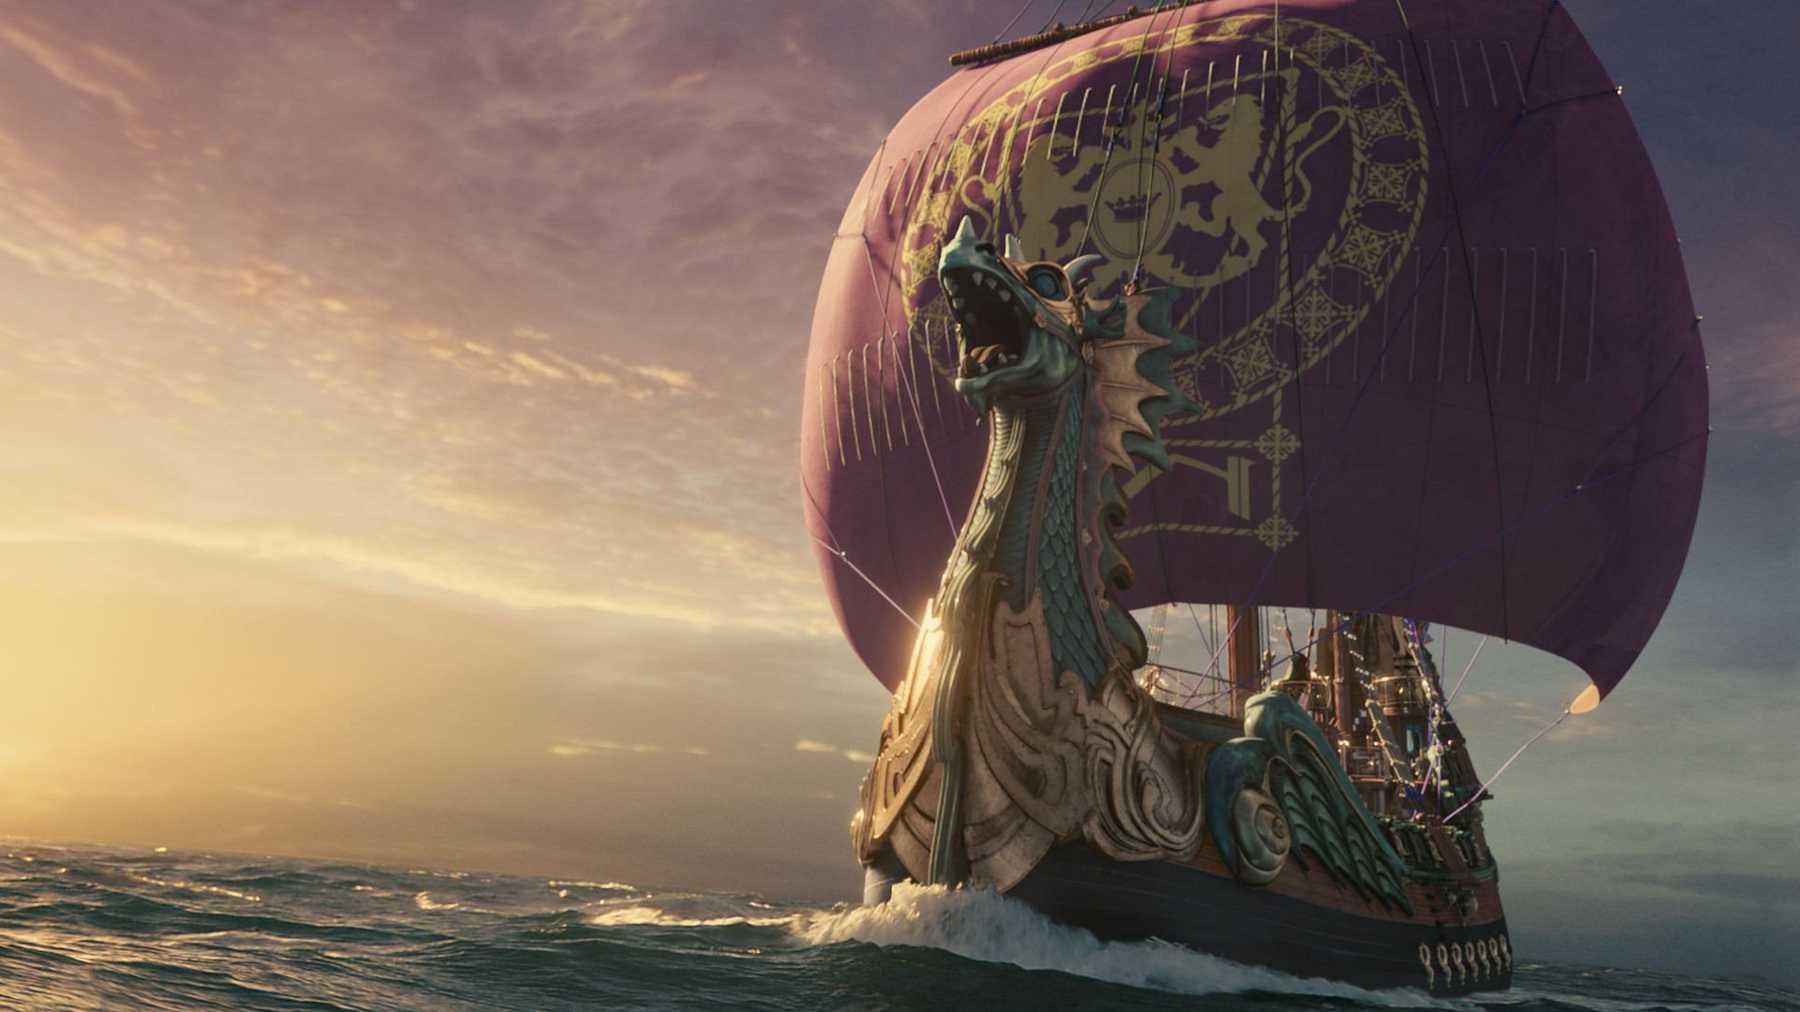 Podróż wędrowca do świtu - opowieści z narnii - statek - morze - c s lewis